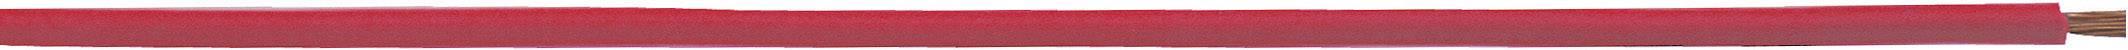 Opletenie / lanko LappKabel 4510163S H05V-K, 1 x 1 mm², vonkajší Ø 2.80 mm, 250 m, ultramarínová modrá